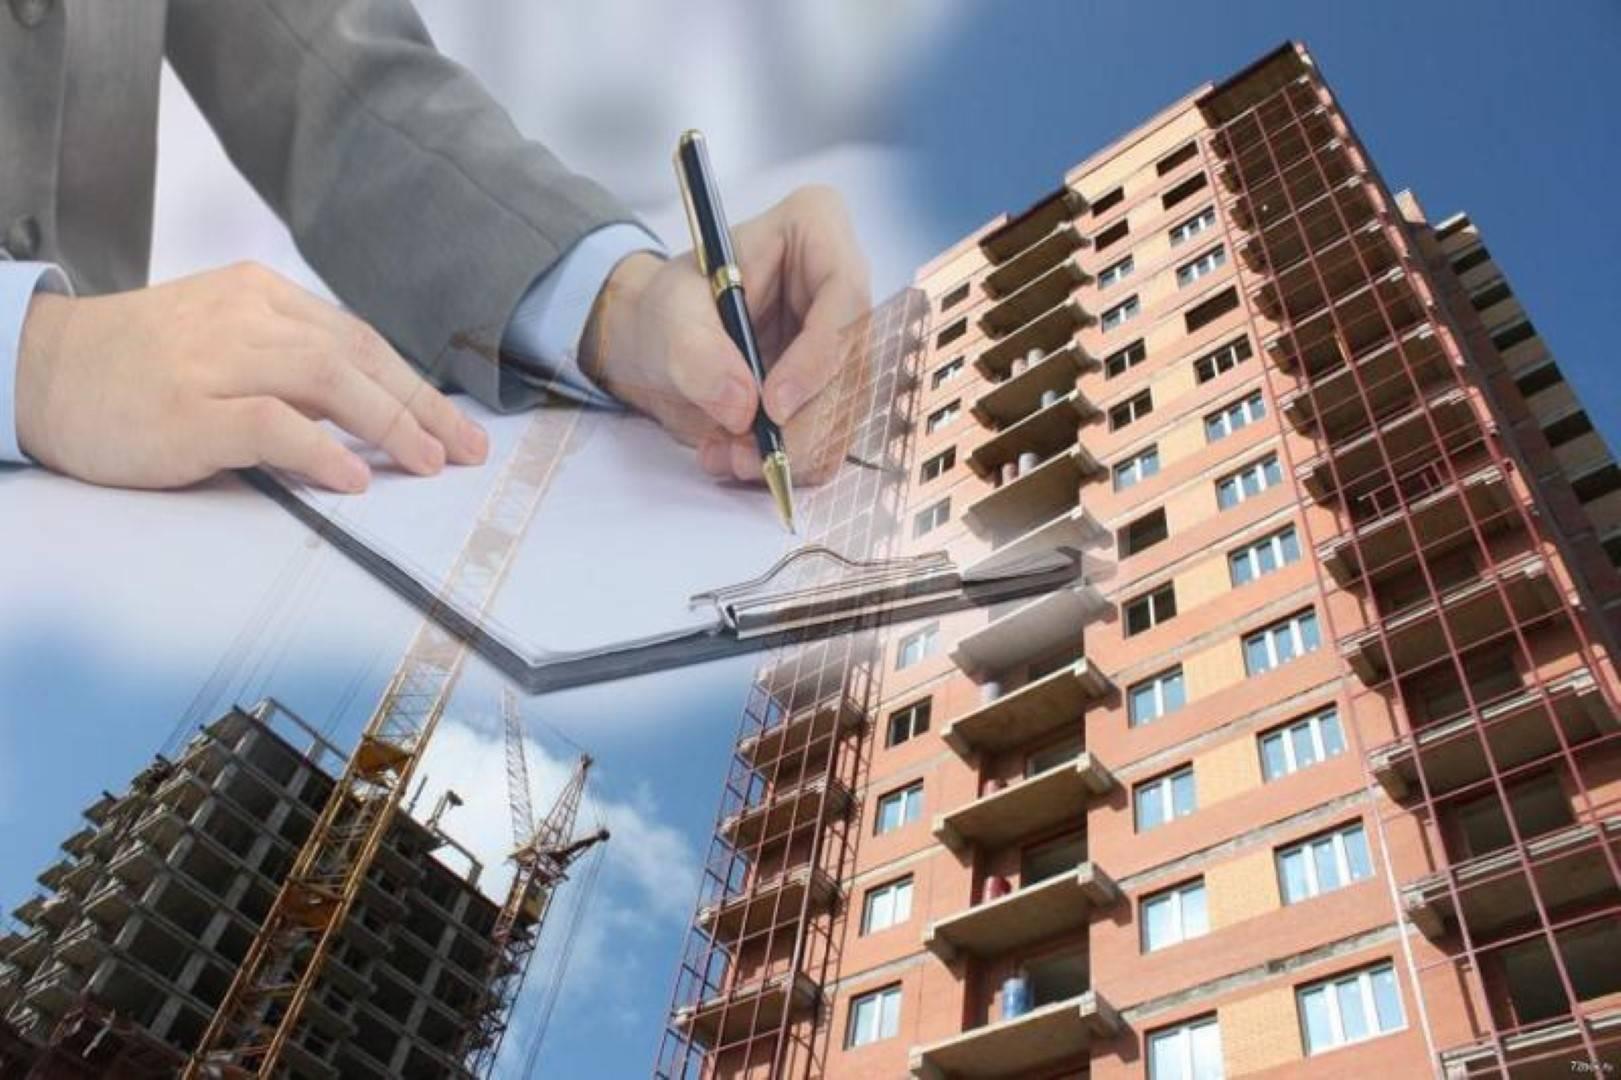 Как купить квартиру у застройщика: правила сделки — вопросы от читателей т—ж